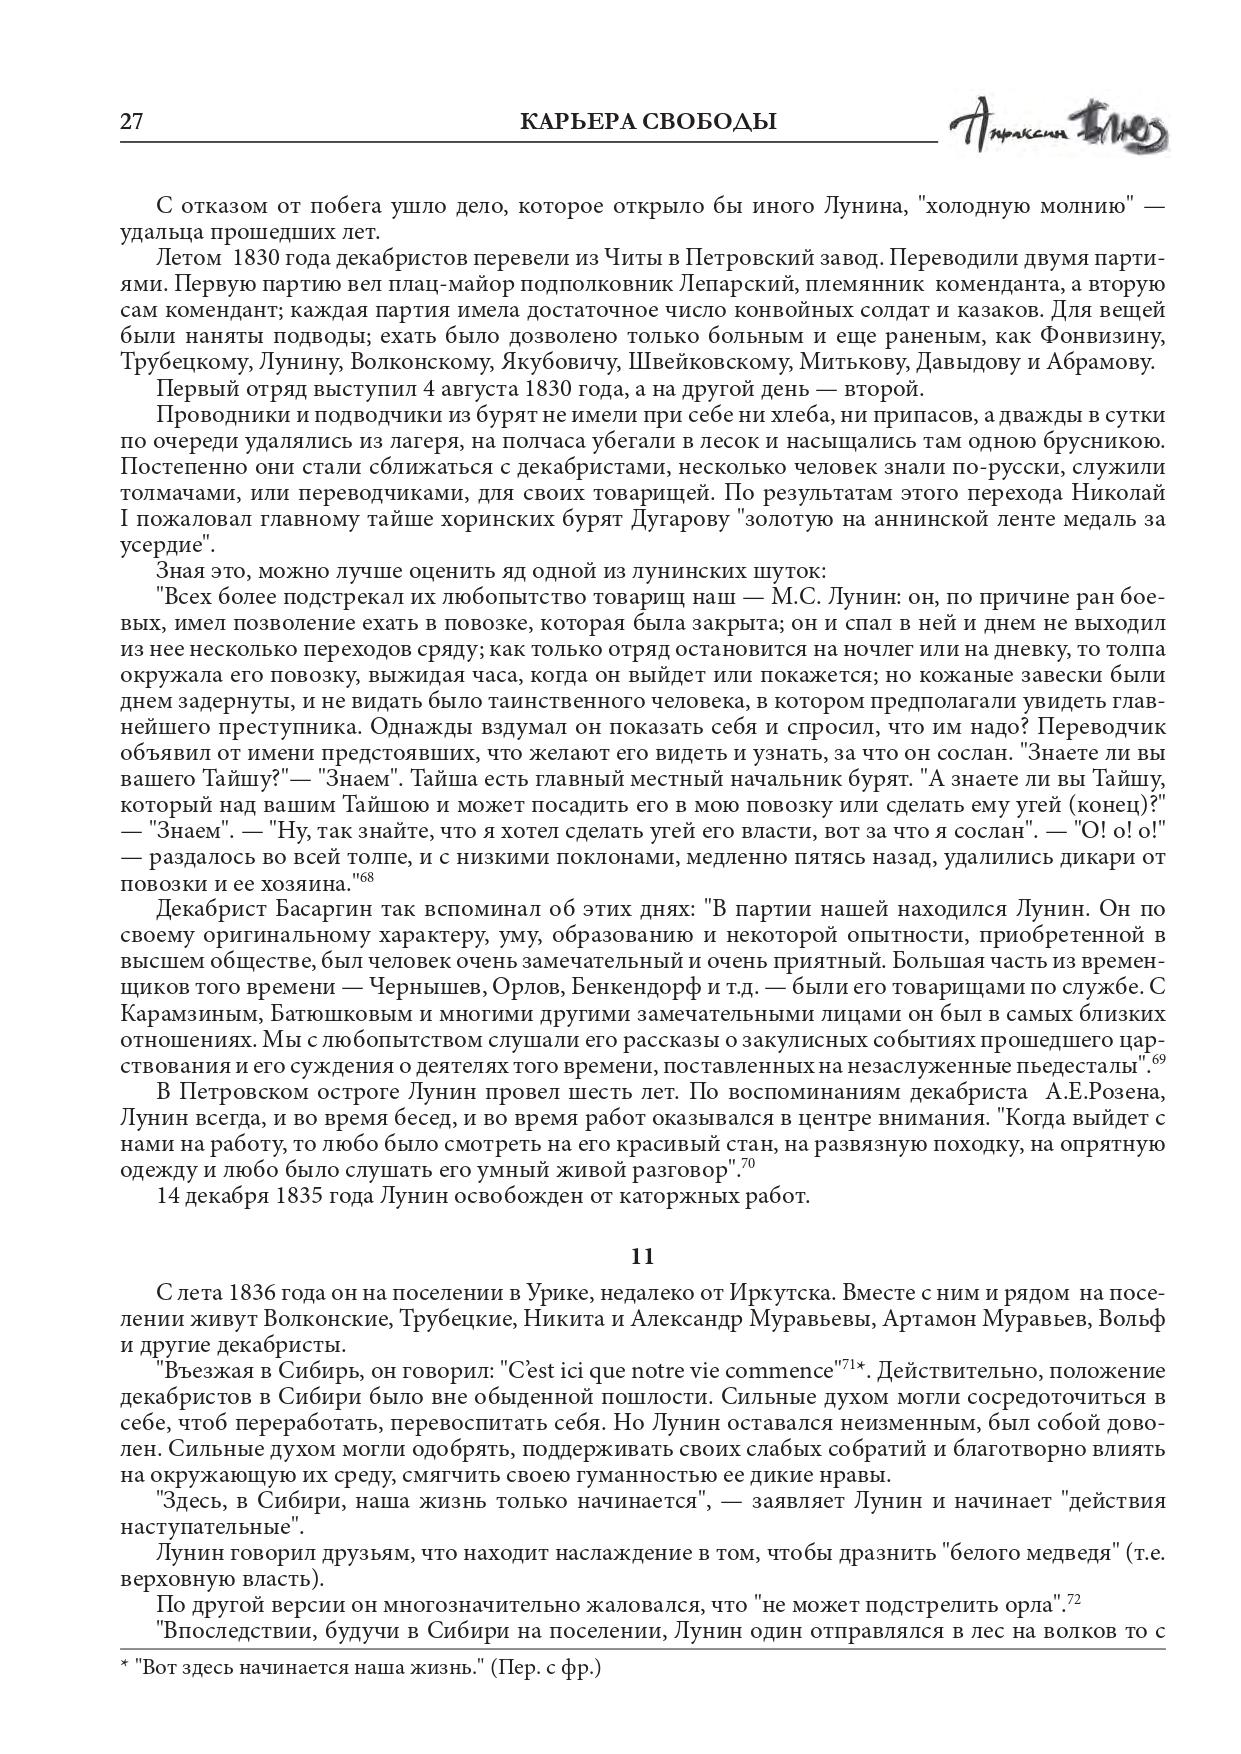 http://forumstatic.ru/files/001a/7d/26/19426.jpg